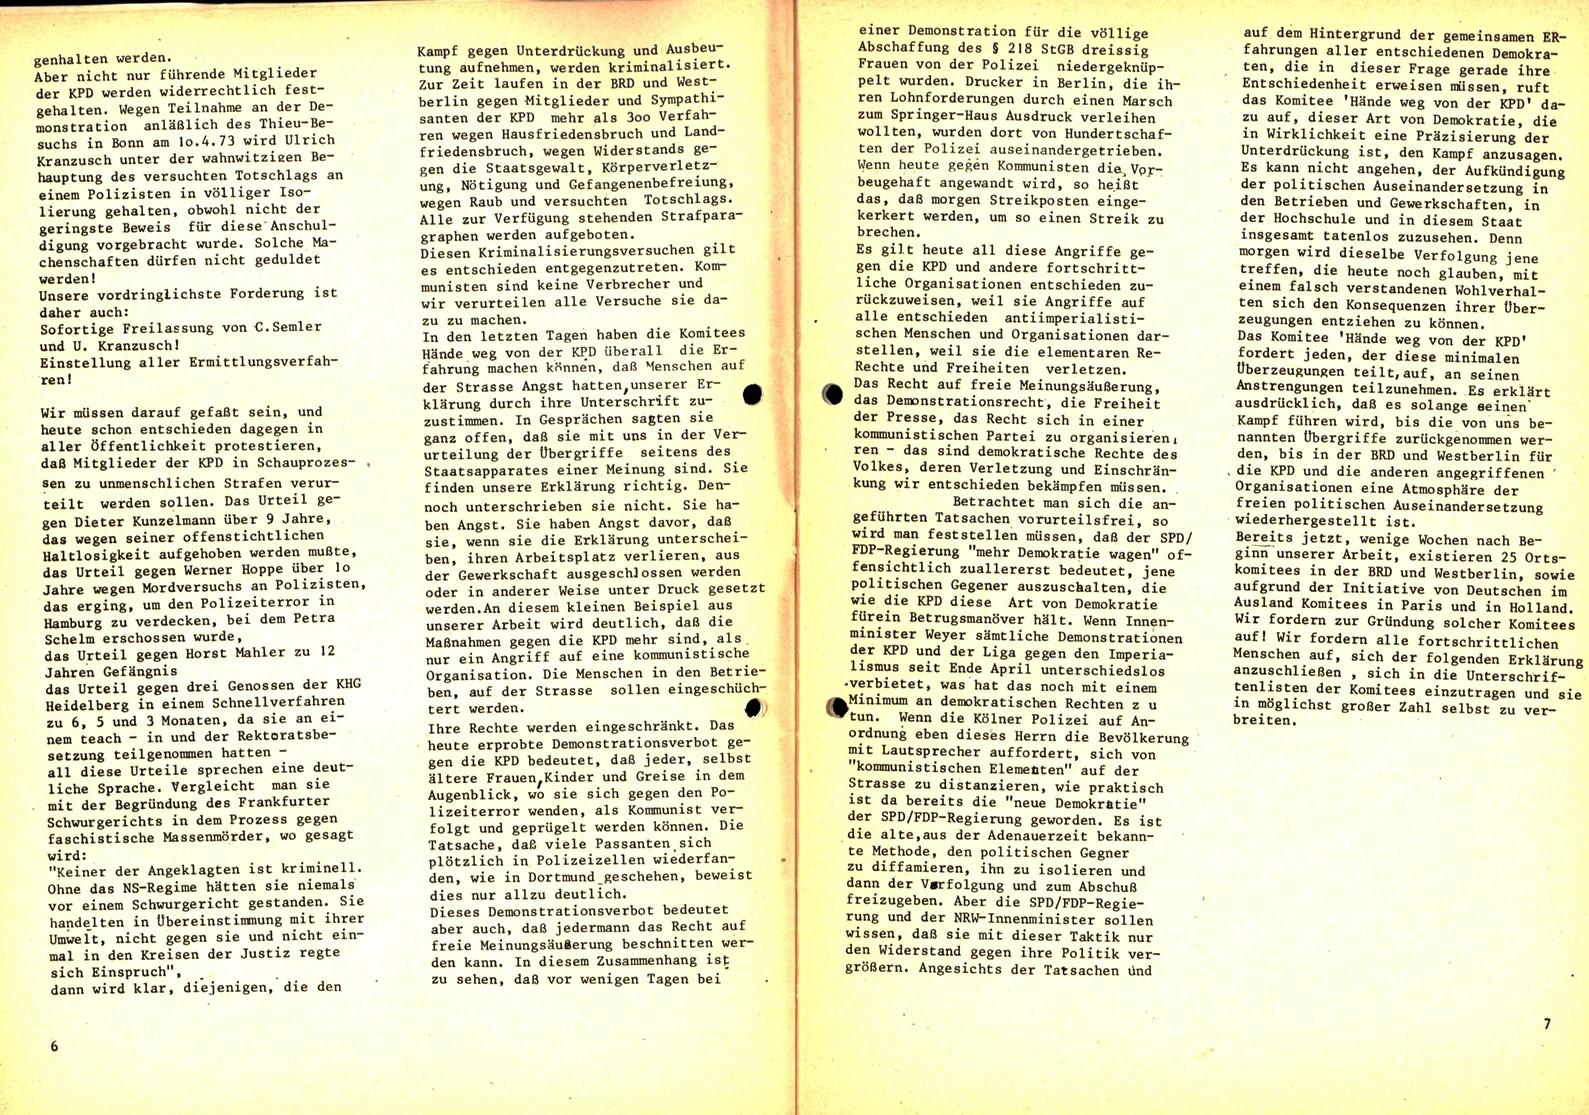 Komitee_Haende_weg_von_der_KPD_1973_Polizeijournalismus_04